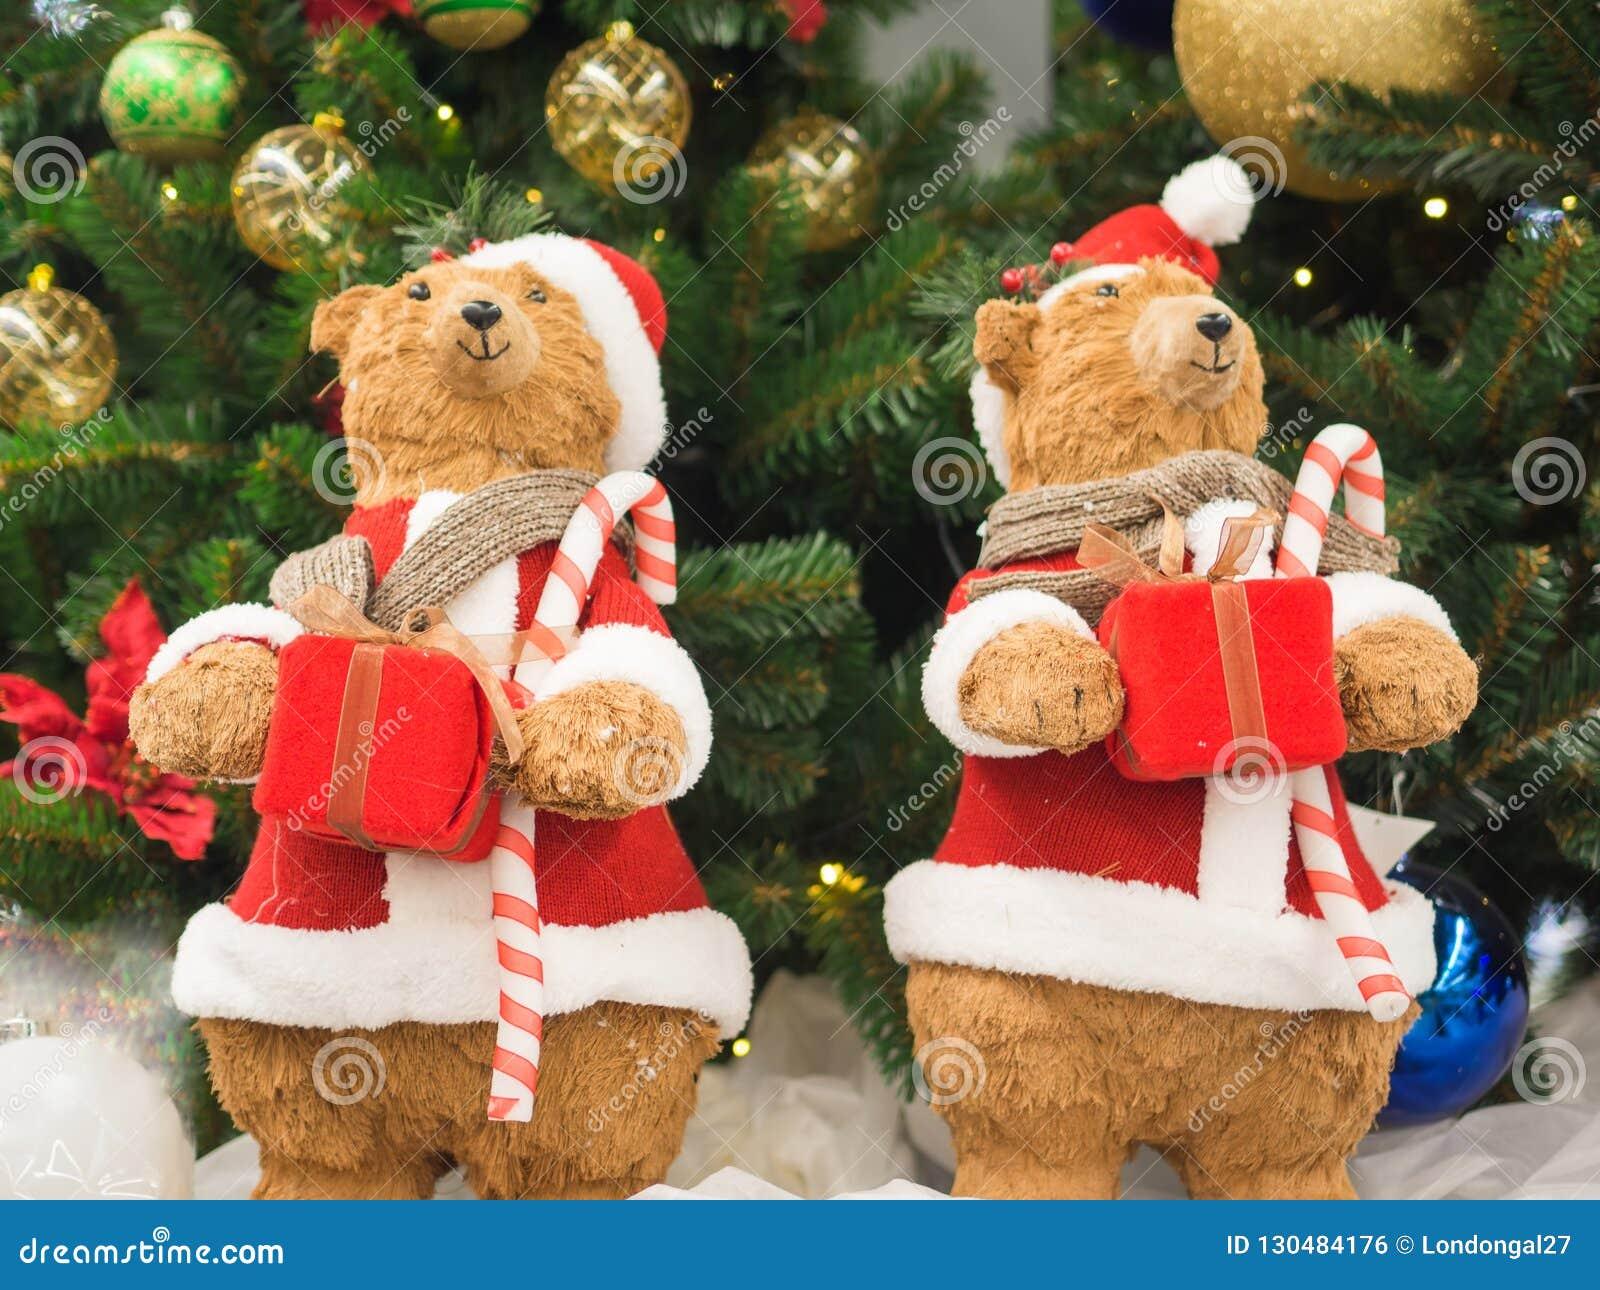 Ursos do brinquedo vestidos como a posição de Santa Clauses contra uma árvore de Natal que guarda caixas de presente